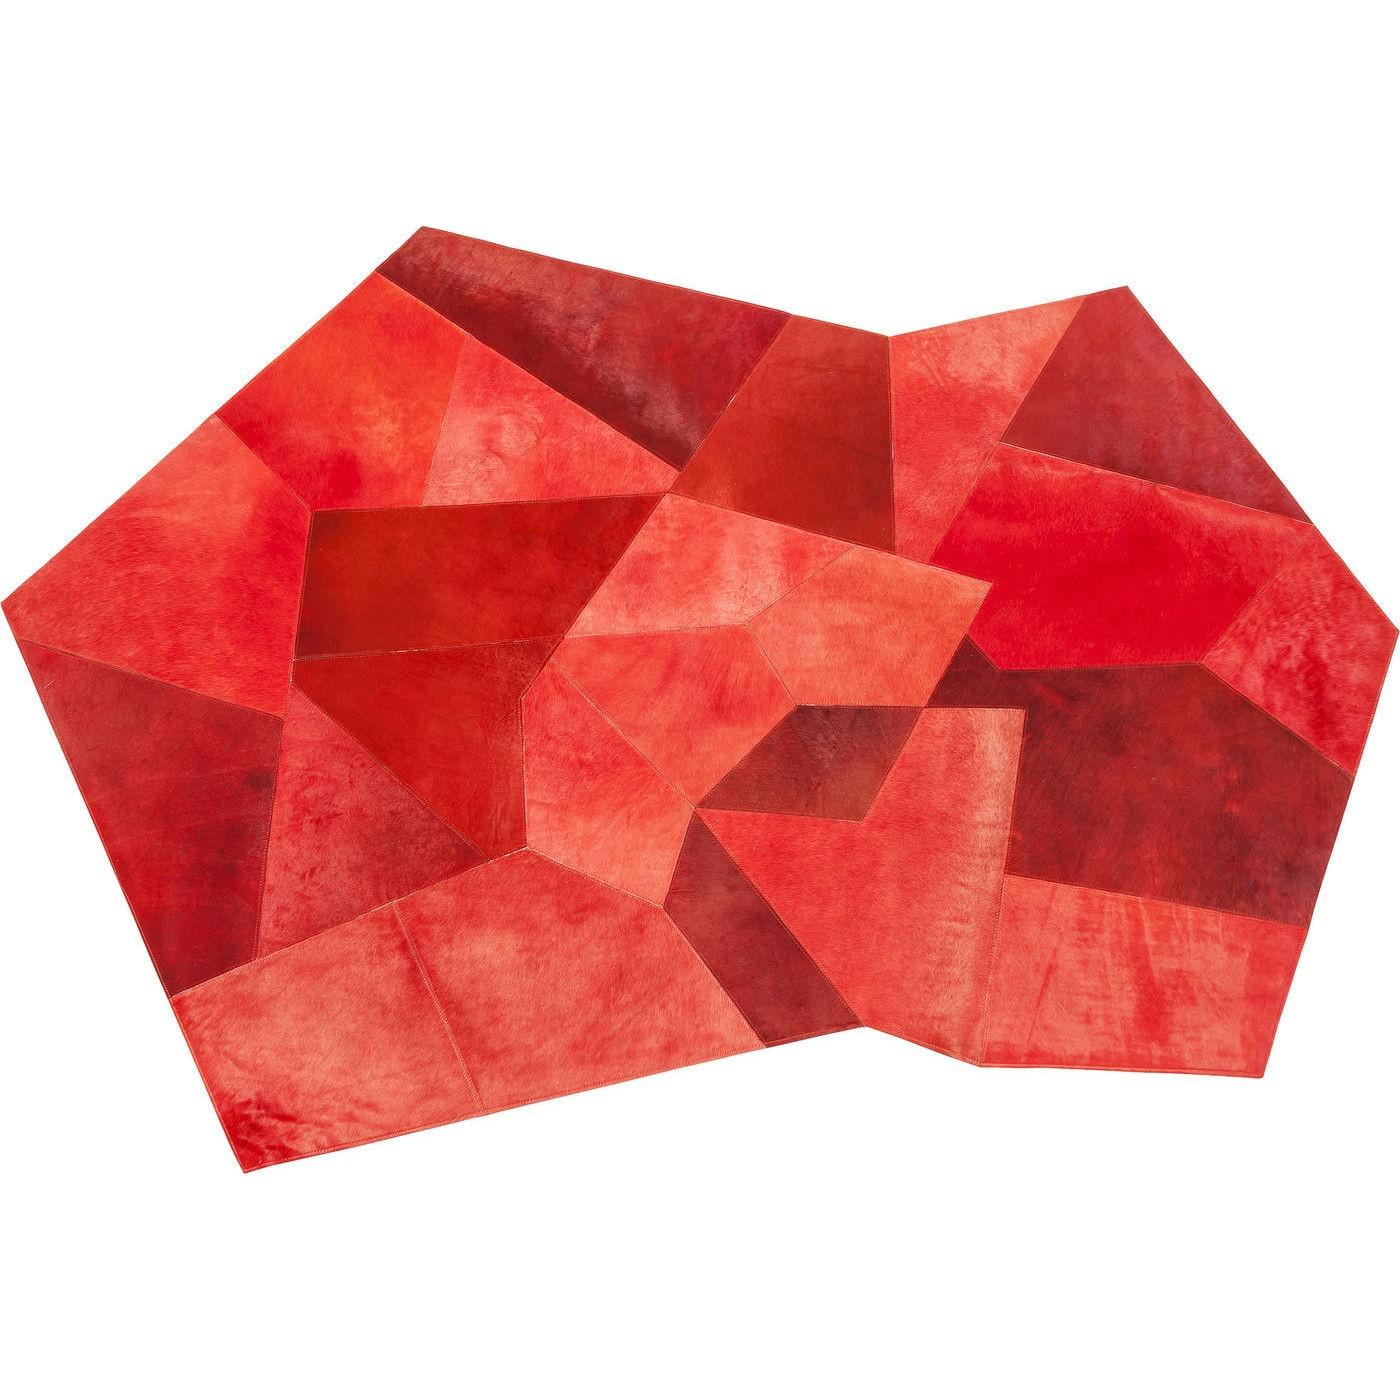 Image of   Tæppe Asymmetrisk Rød 240 x 170 cm